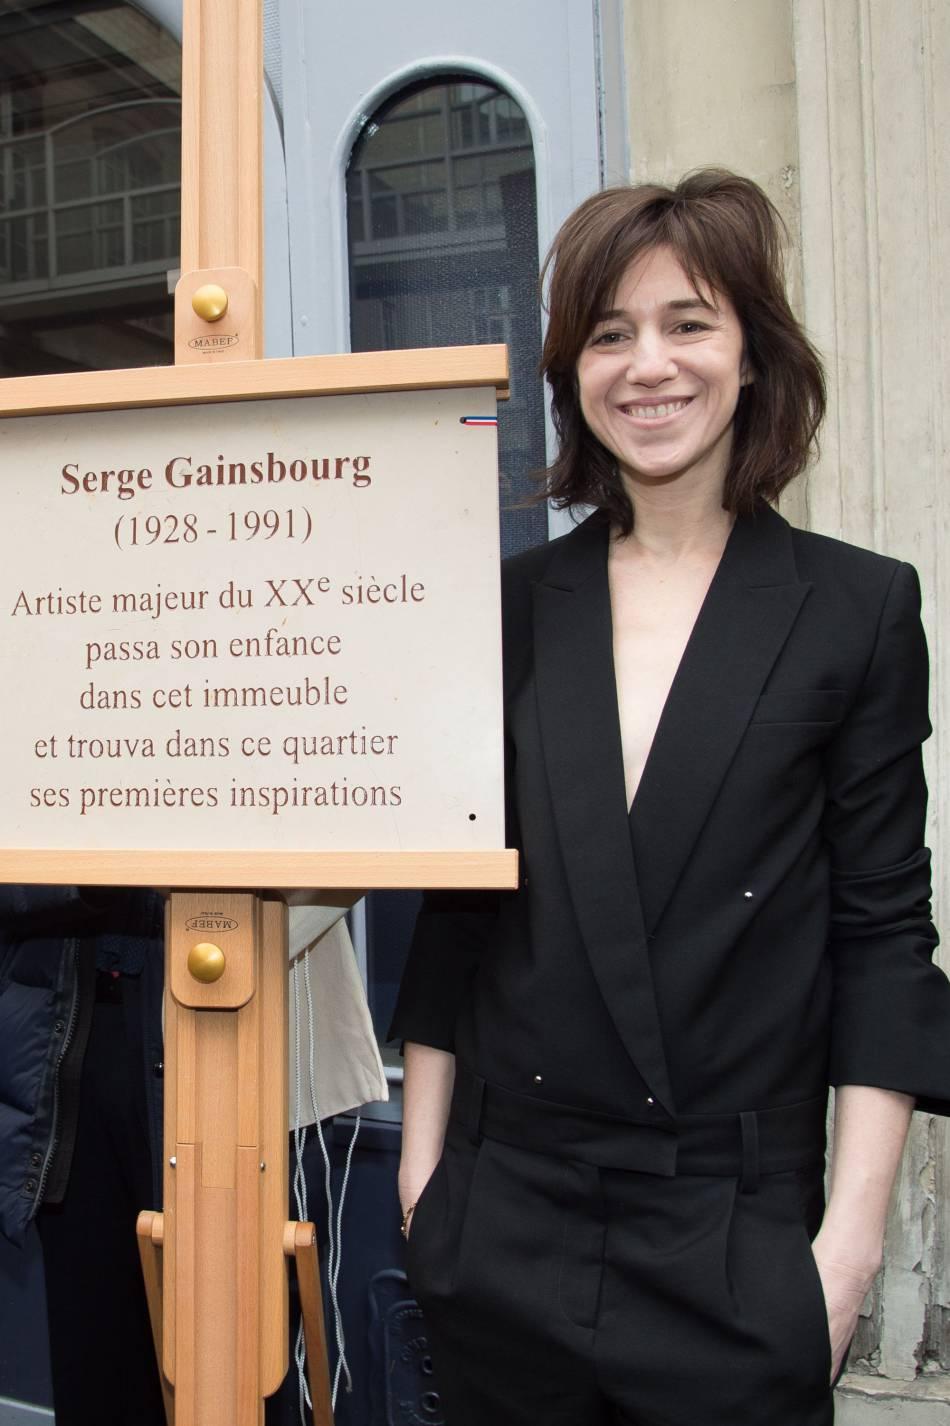 L'actrice a assisté à l'inauguration d'une plaque commémorative en l'honneur de son père.